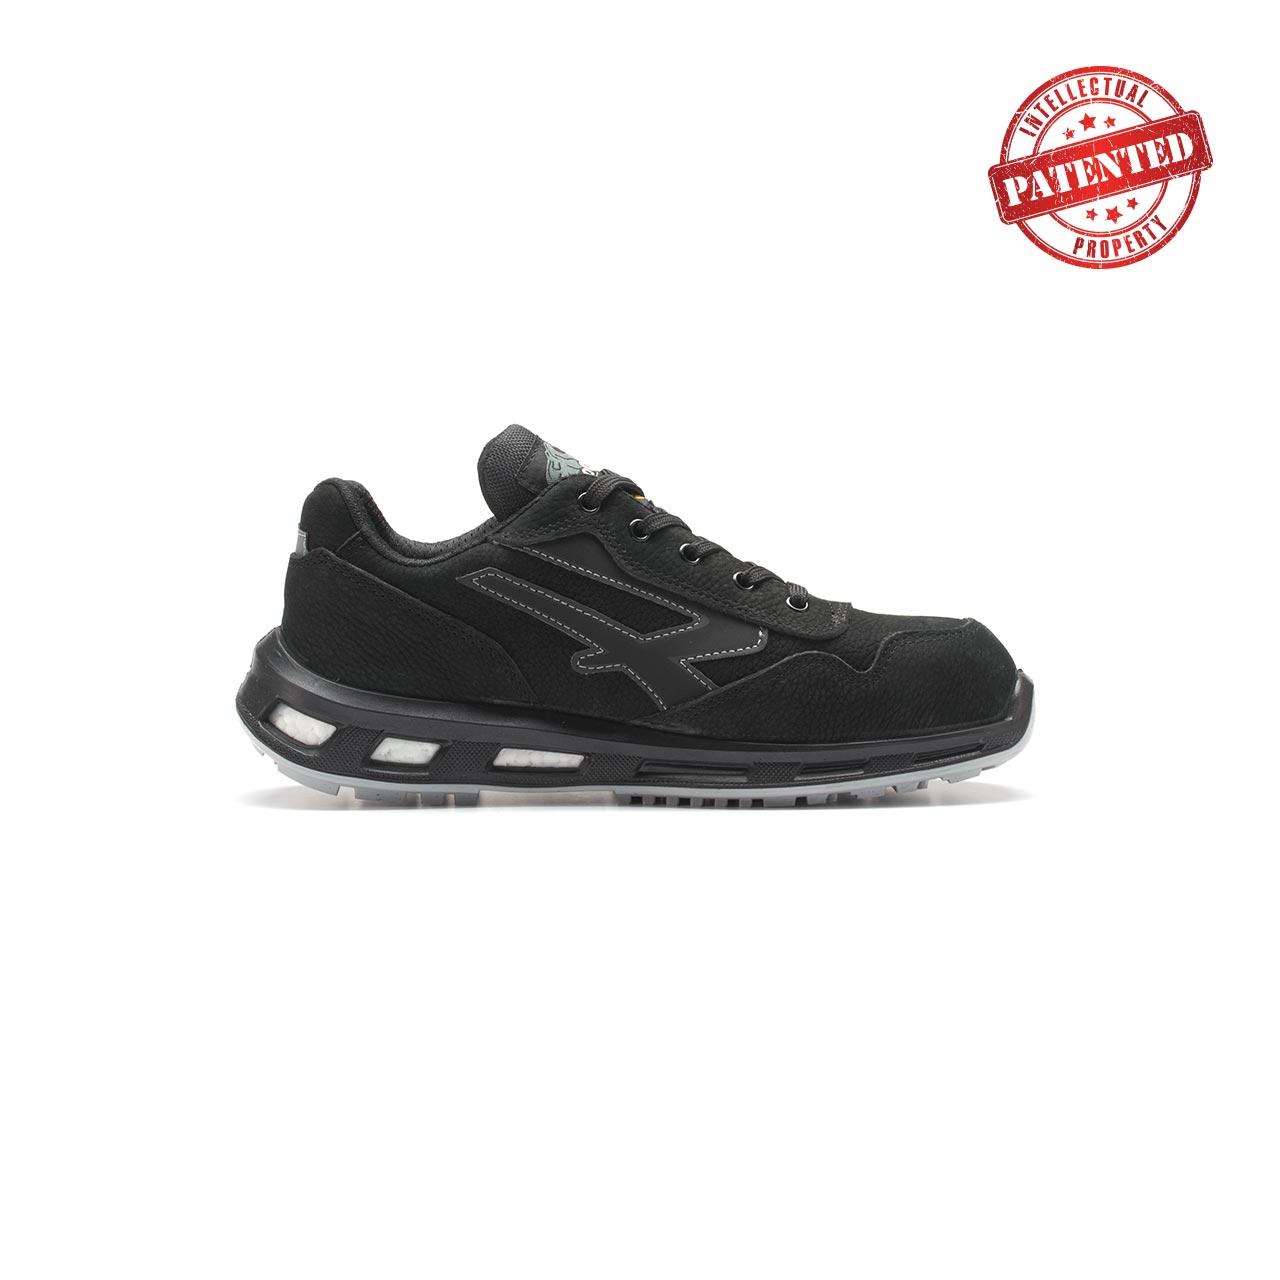 calzatura da lavoro upower modello carbon linea redlion vista lato destro